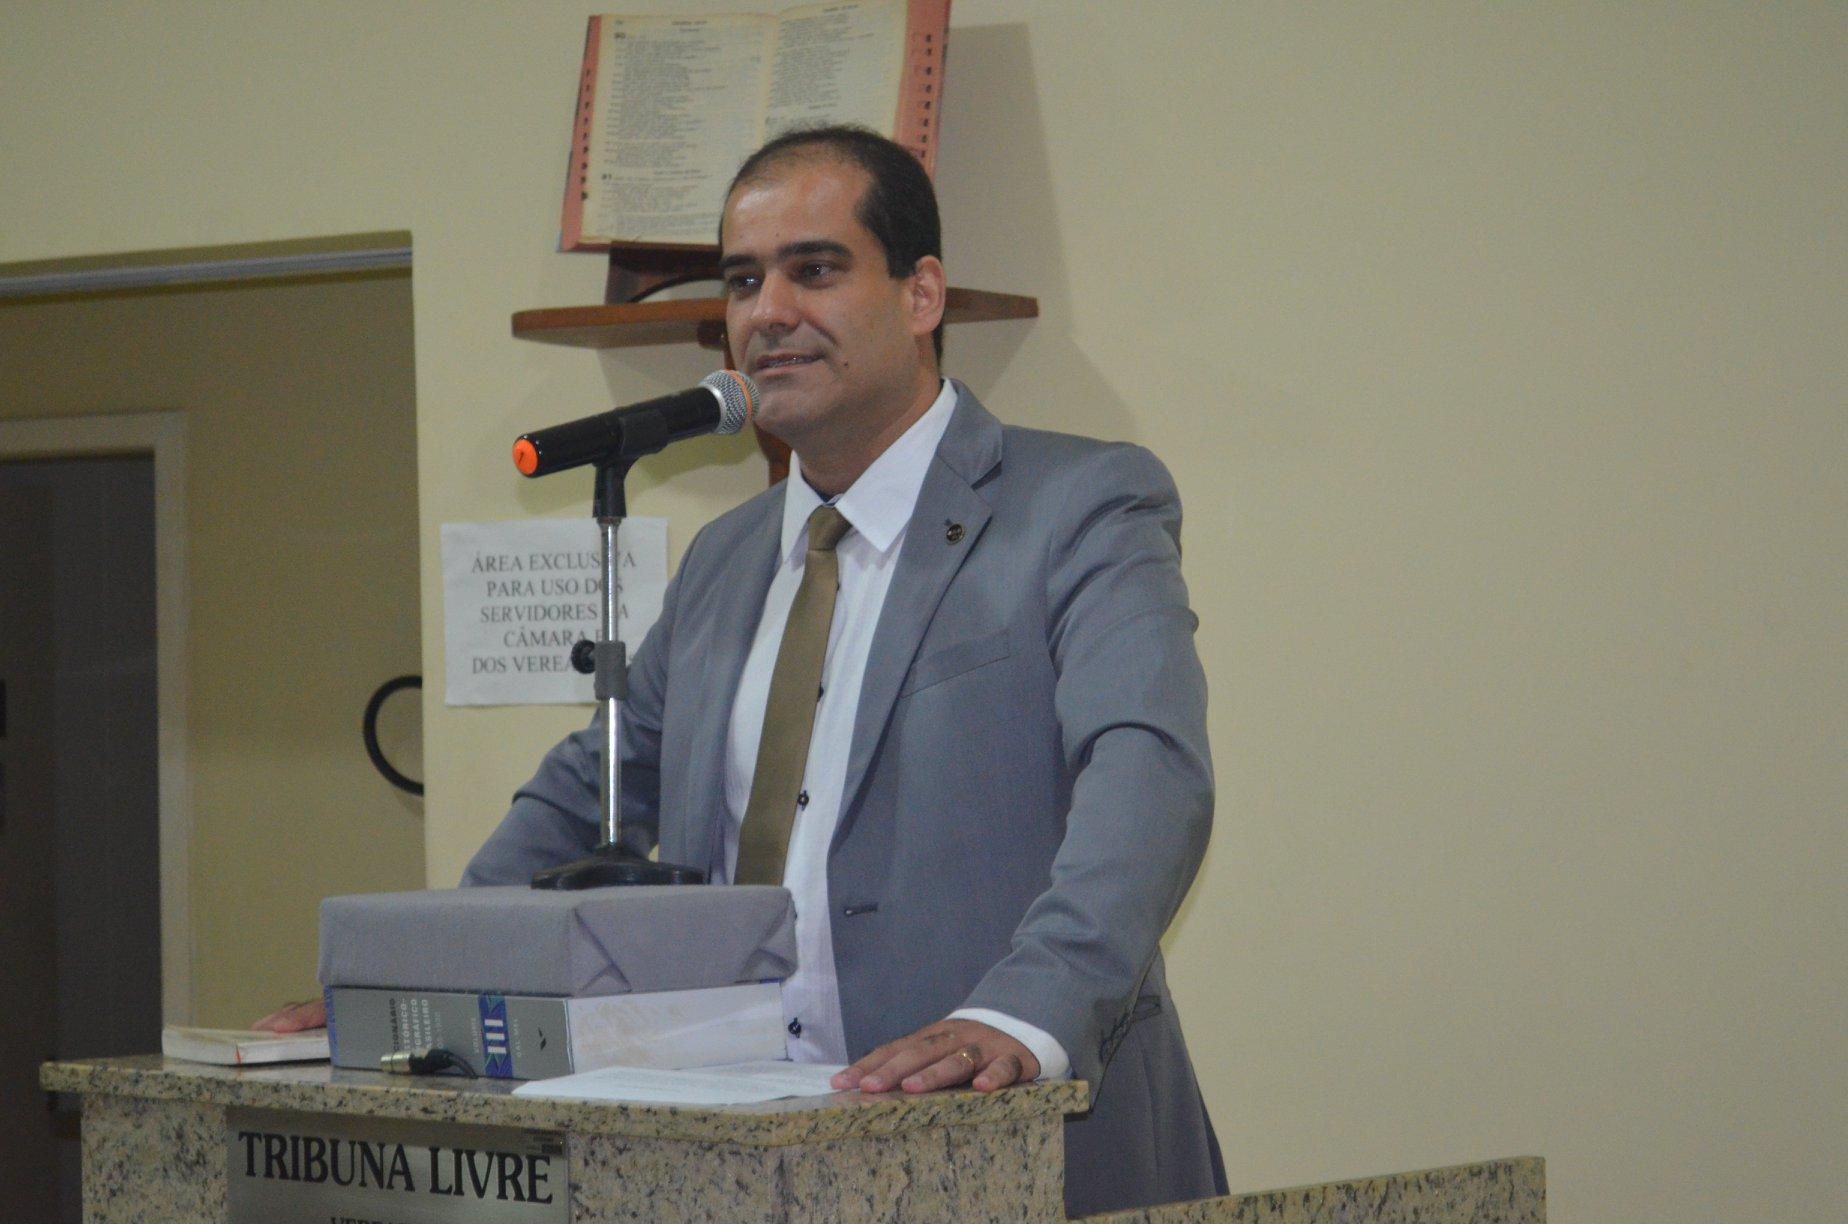 Legislador Cordeirense Pablo Sergio solicitou a implantação de trevo com sinalização no Largo Antônio Sant´anna Moreira Maia.